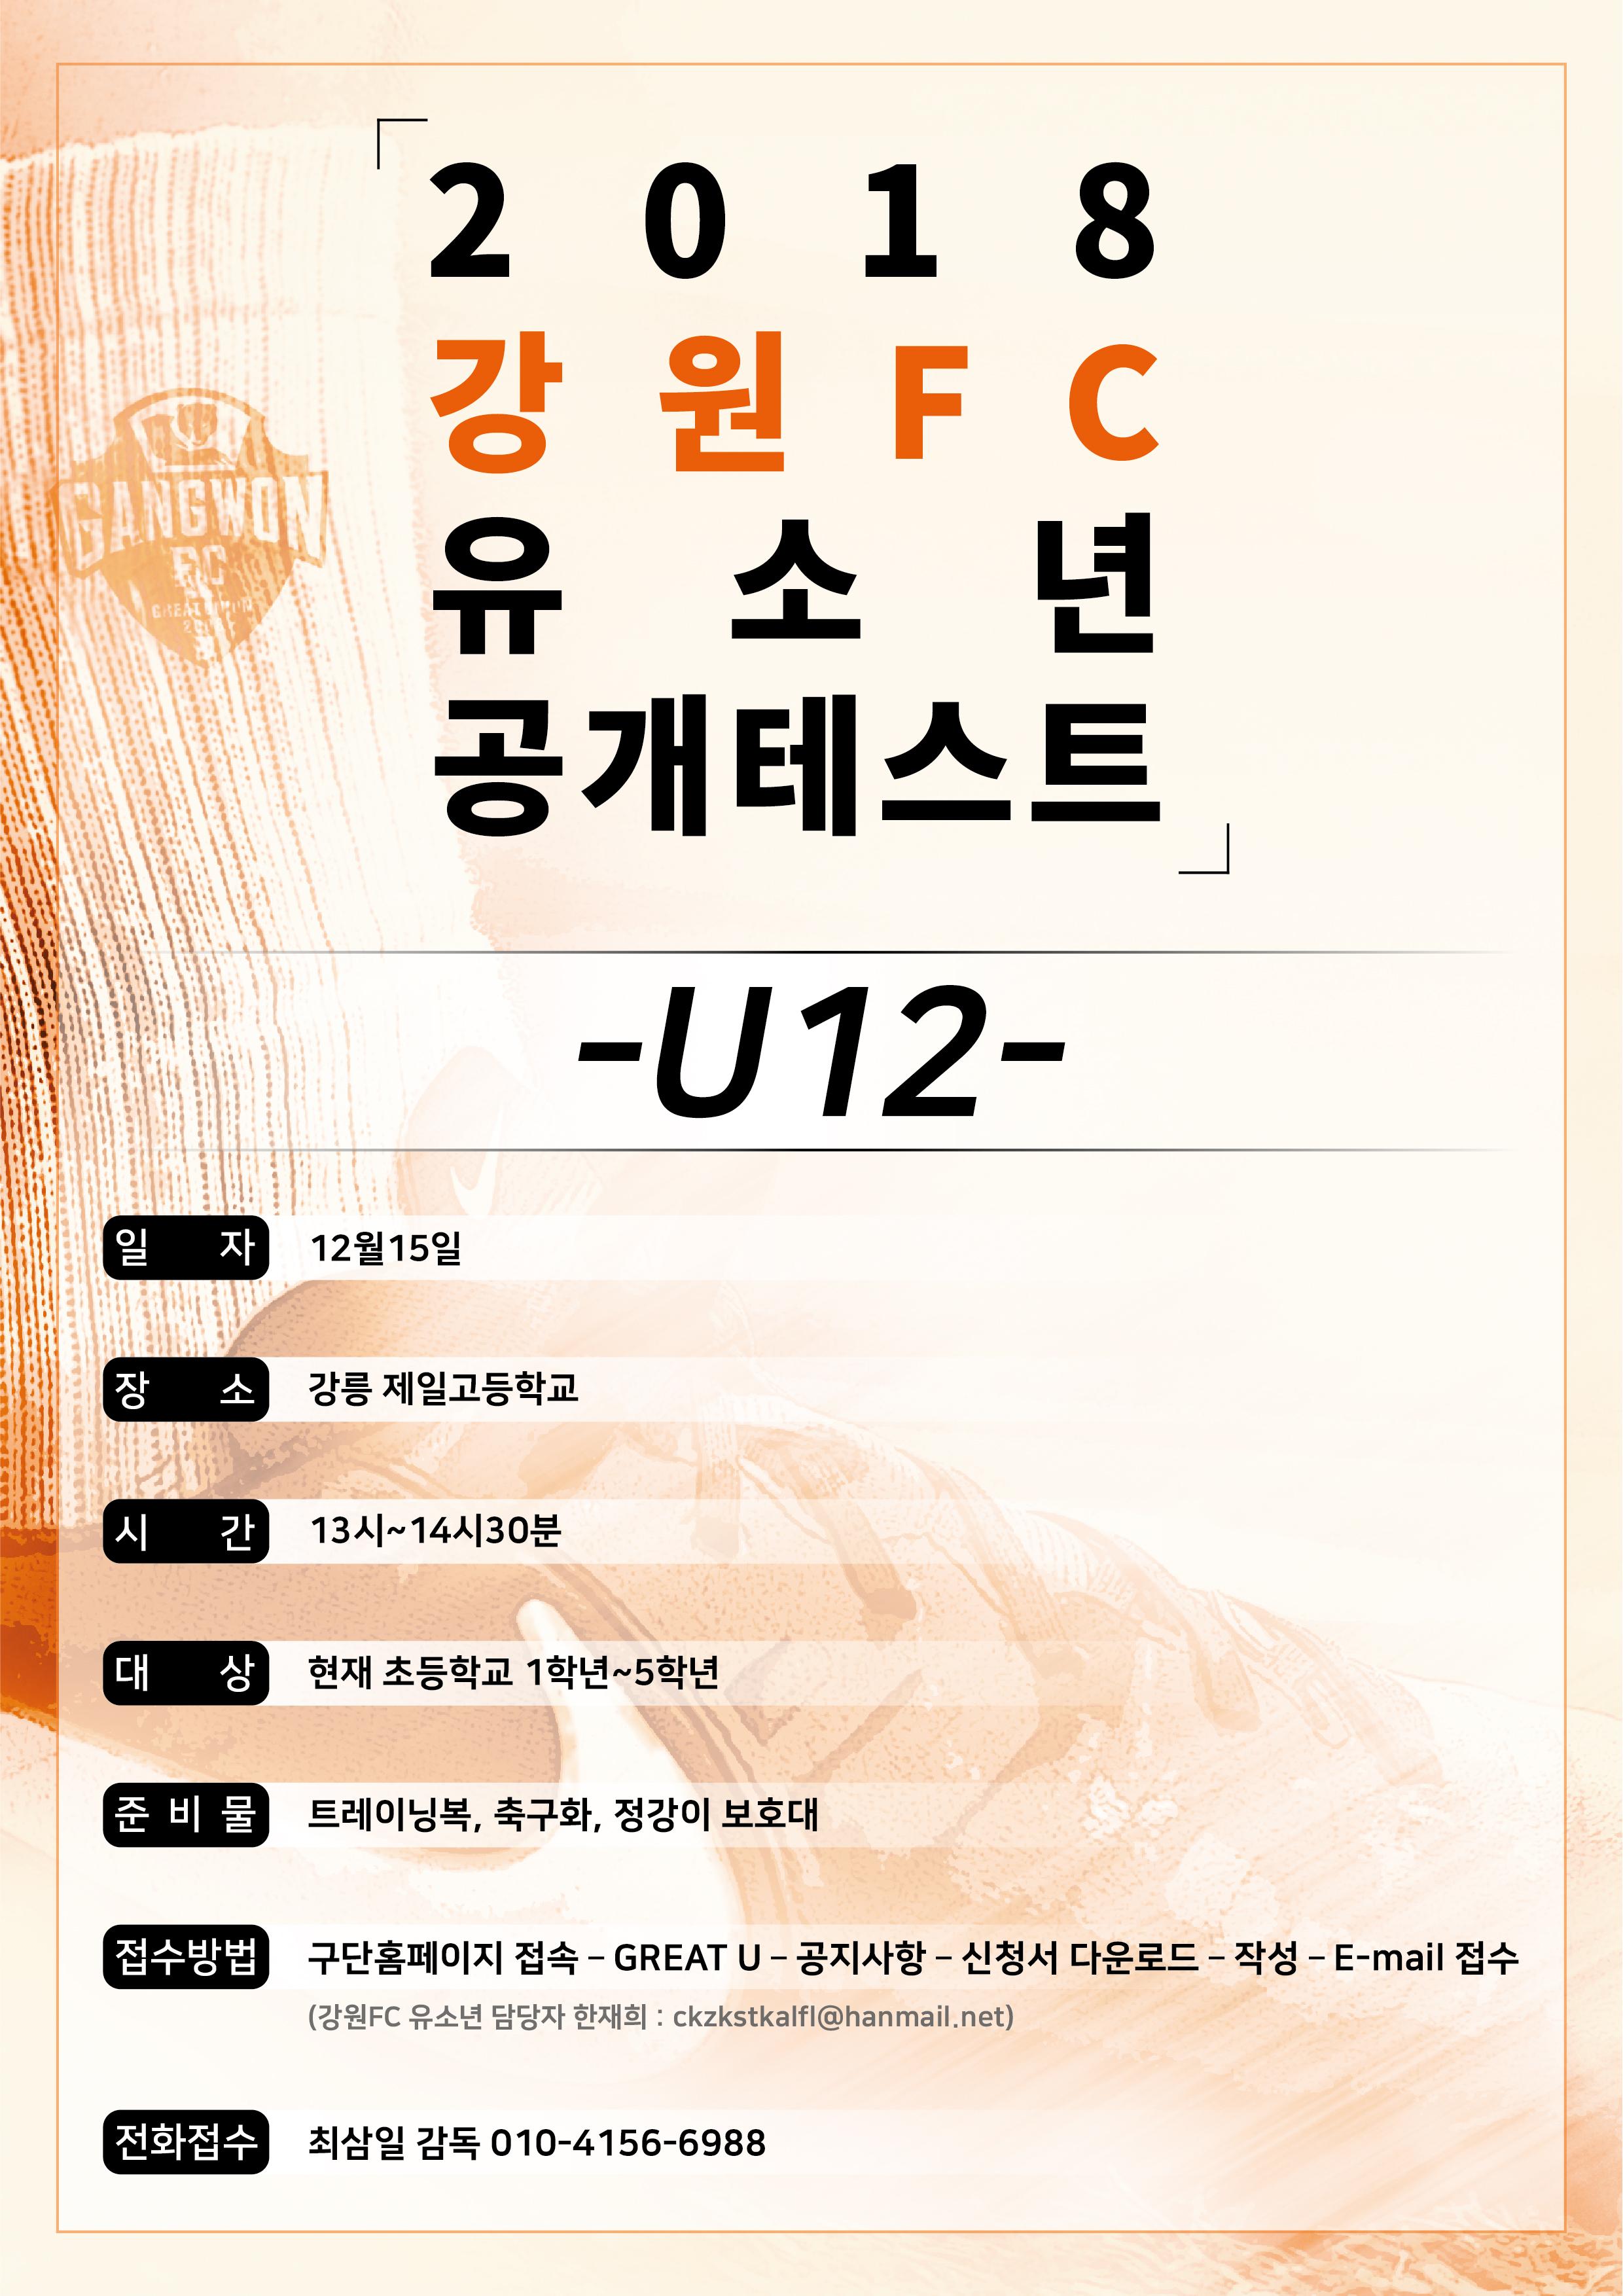 [2018 강원FC 12세 이하 유소년 공개테스트 선수 선발계획 공지]